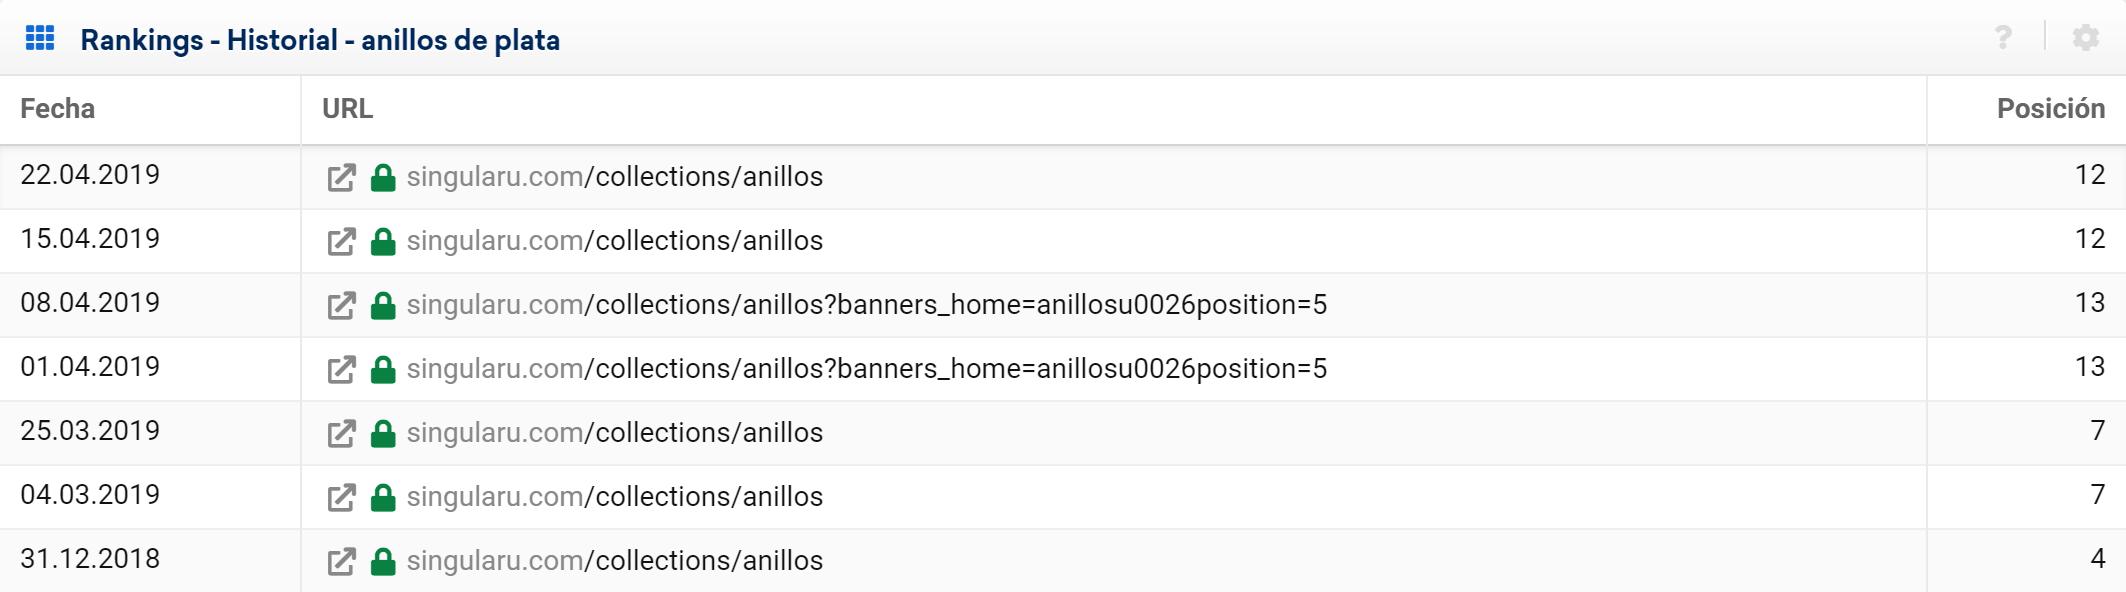 Evolución de keywords, semanalmente, para una web de joyas